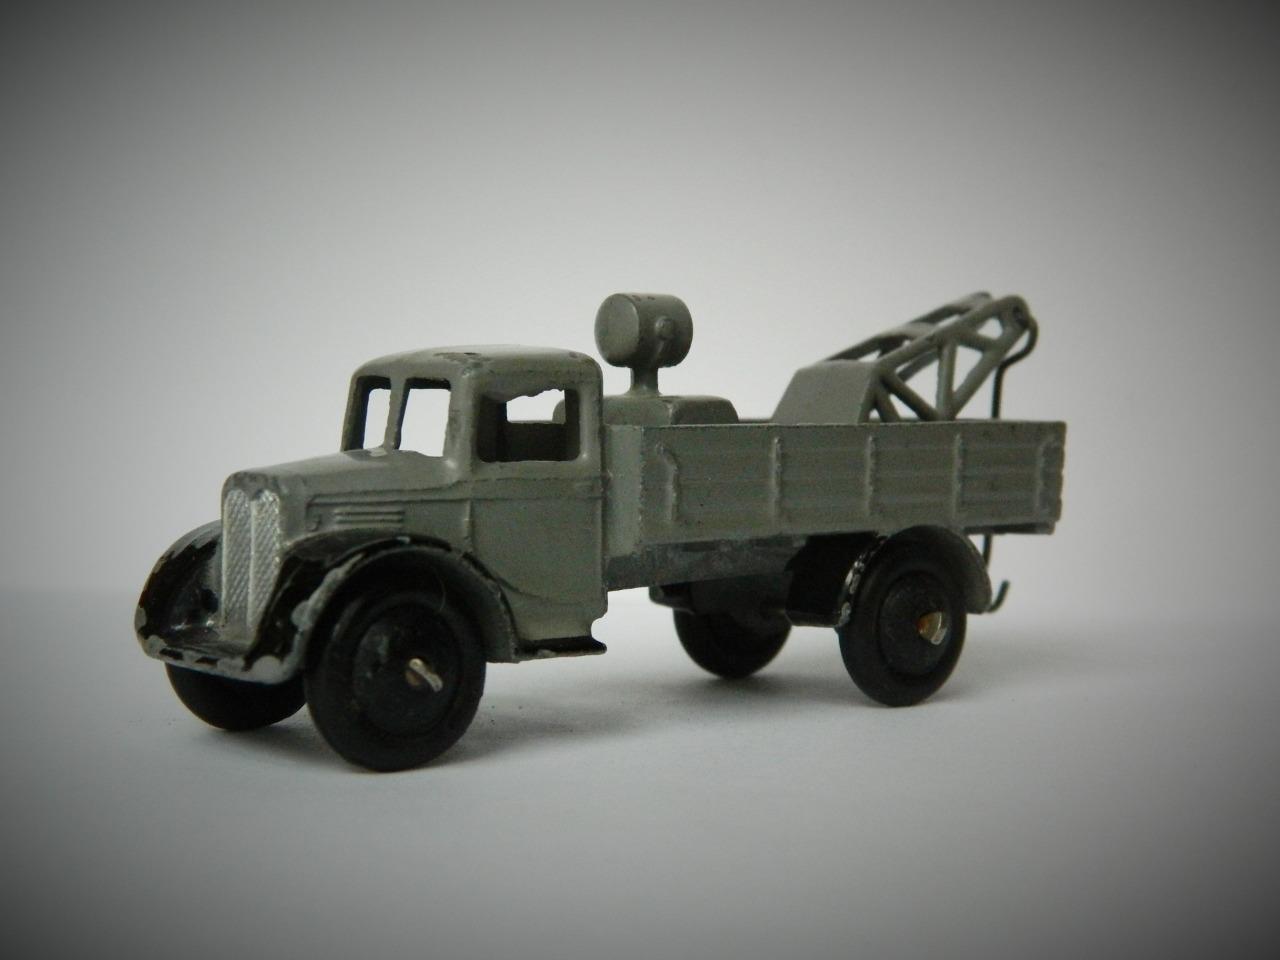 Schäbiges spielzeug selten vorkriegs - abschleppwagen 35a 1935-40 offene fenster glatt hubs